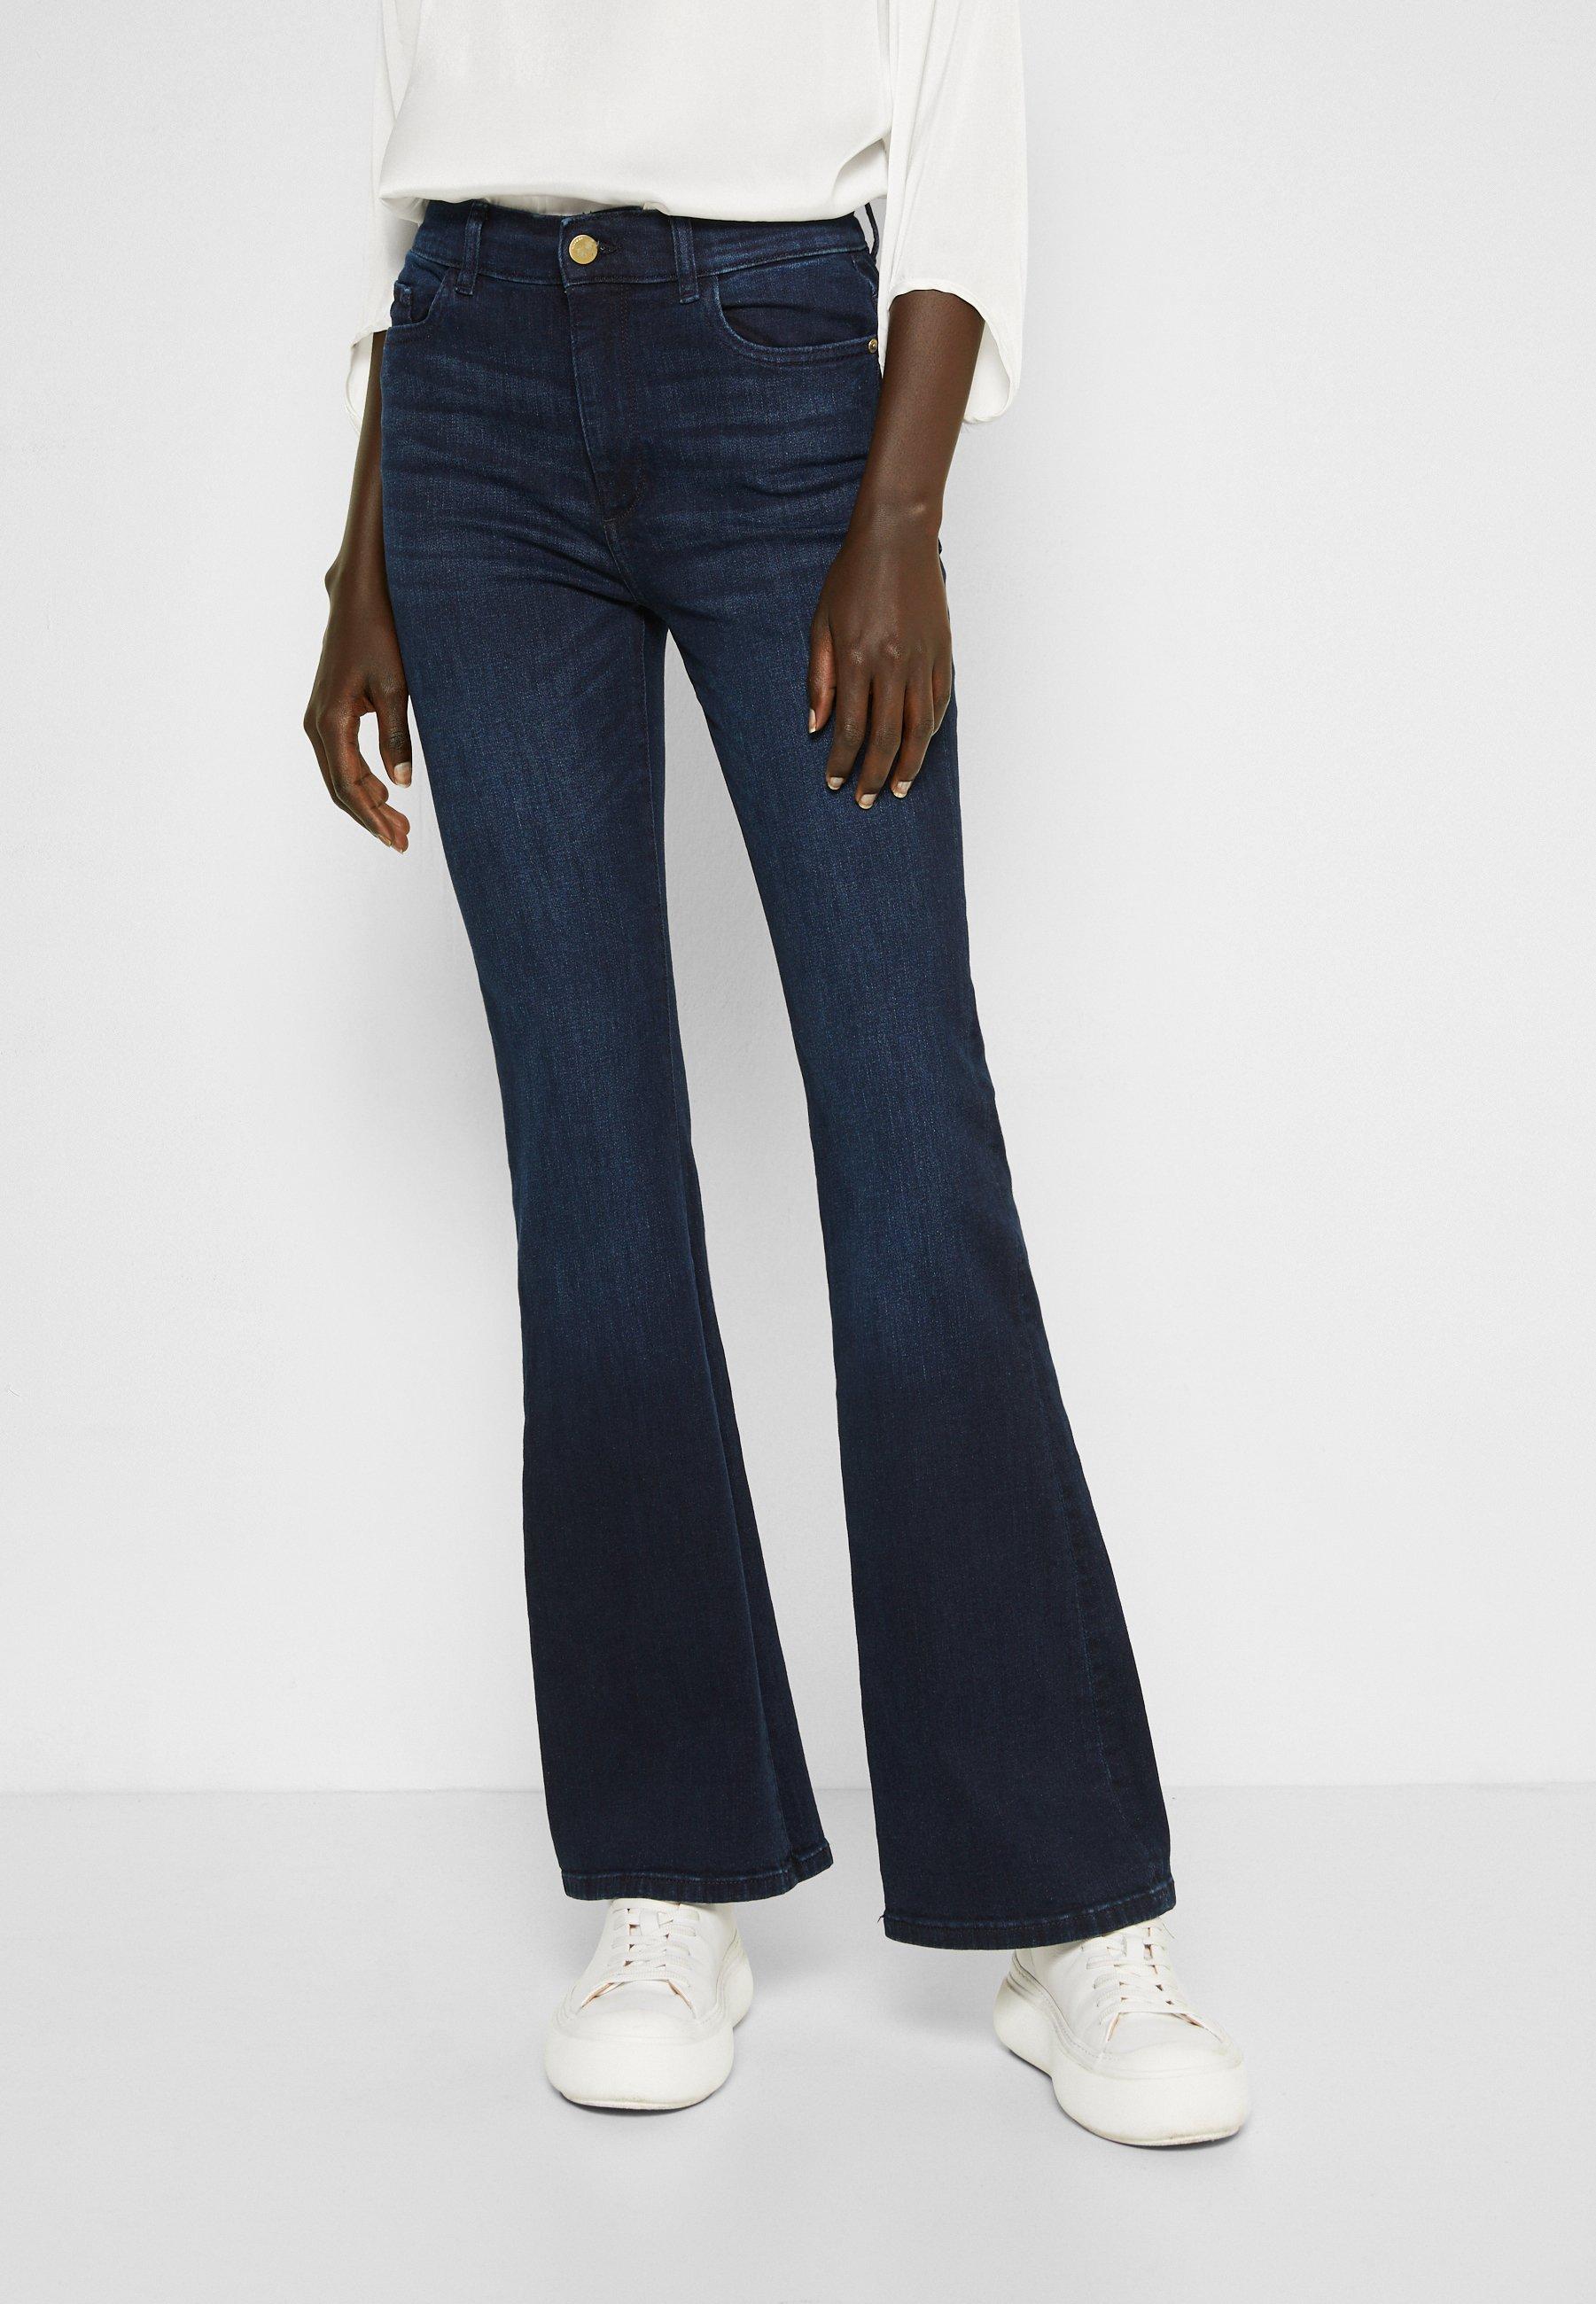 Femme BRIDGET HIGH RISE INSTASCULPT - Jean bootcut